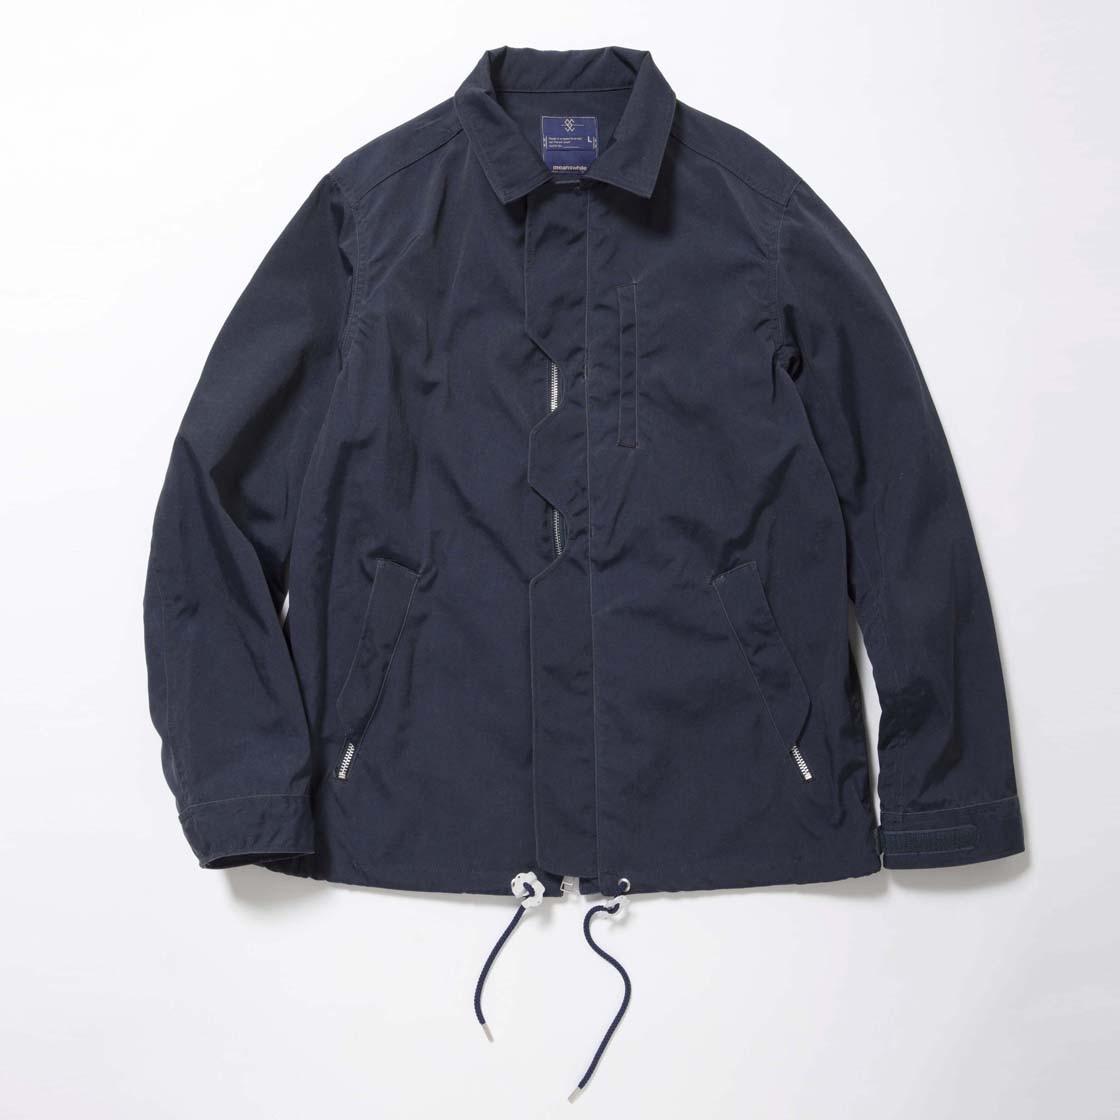 Blackboard Cloth Odd job Flap Coach JKT